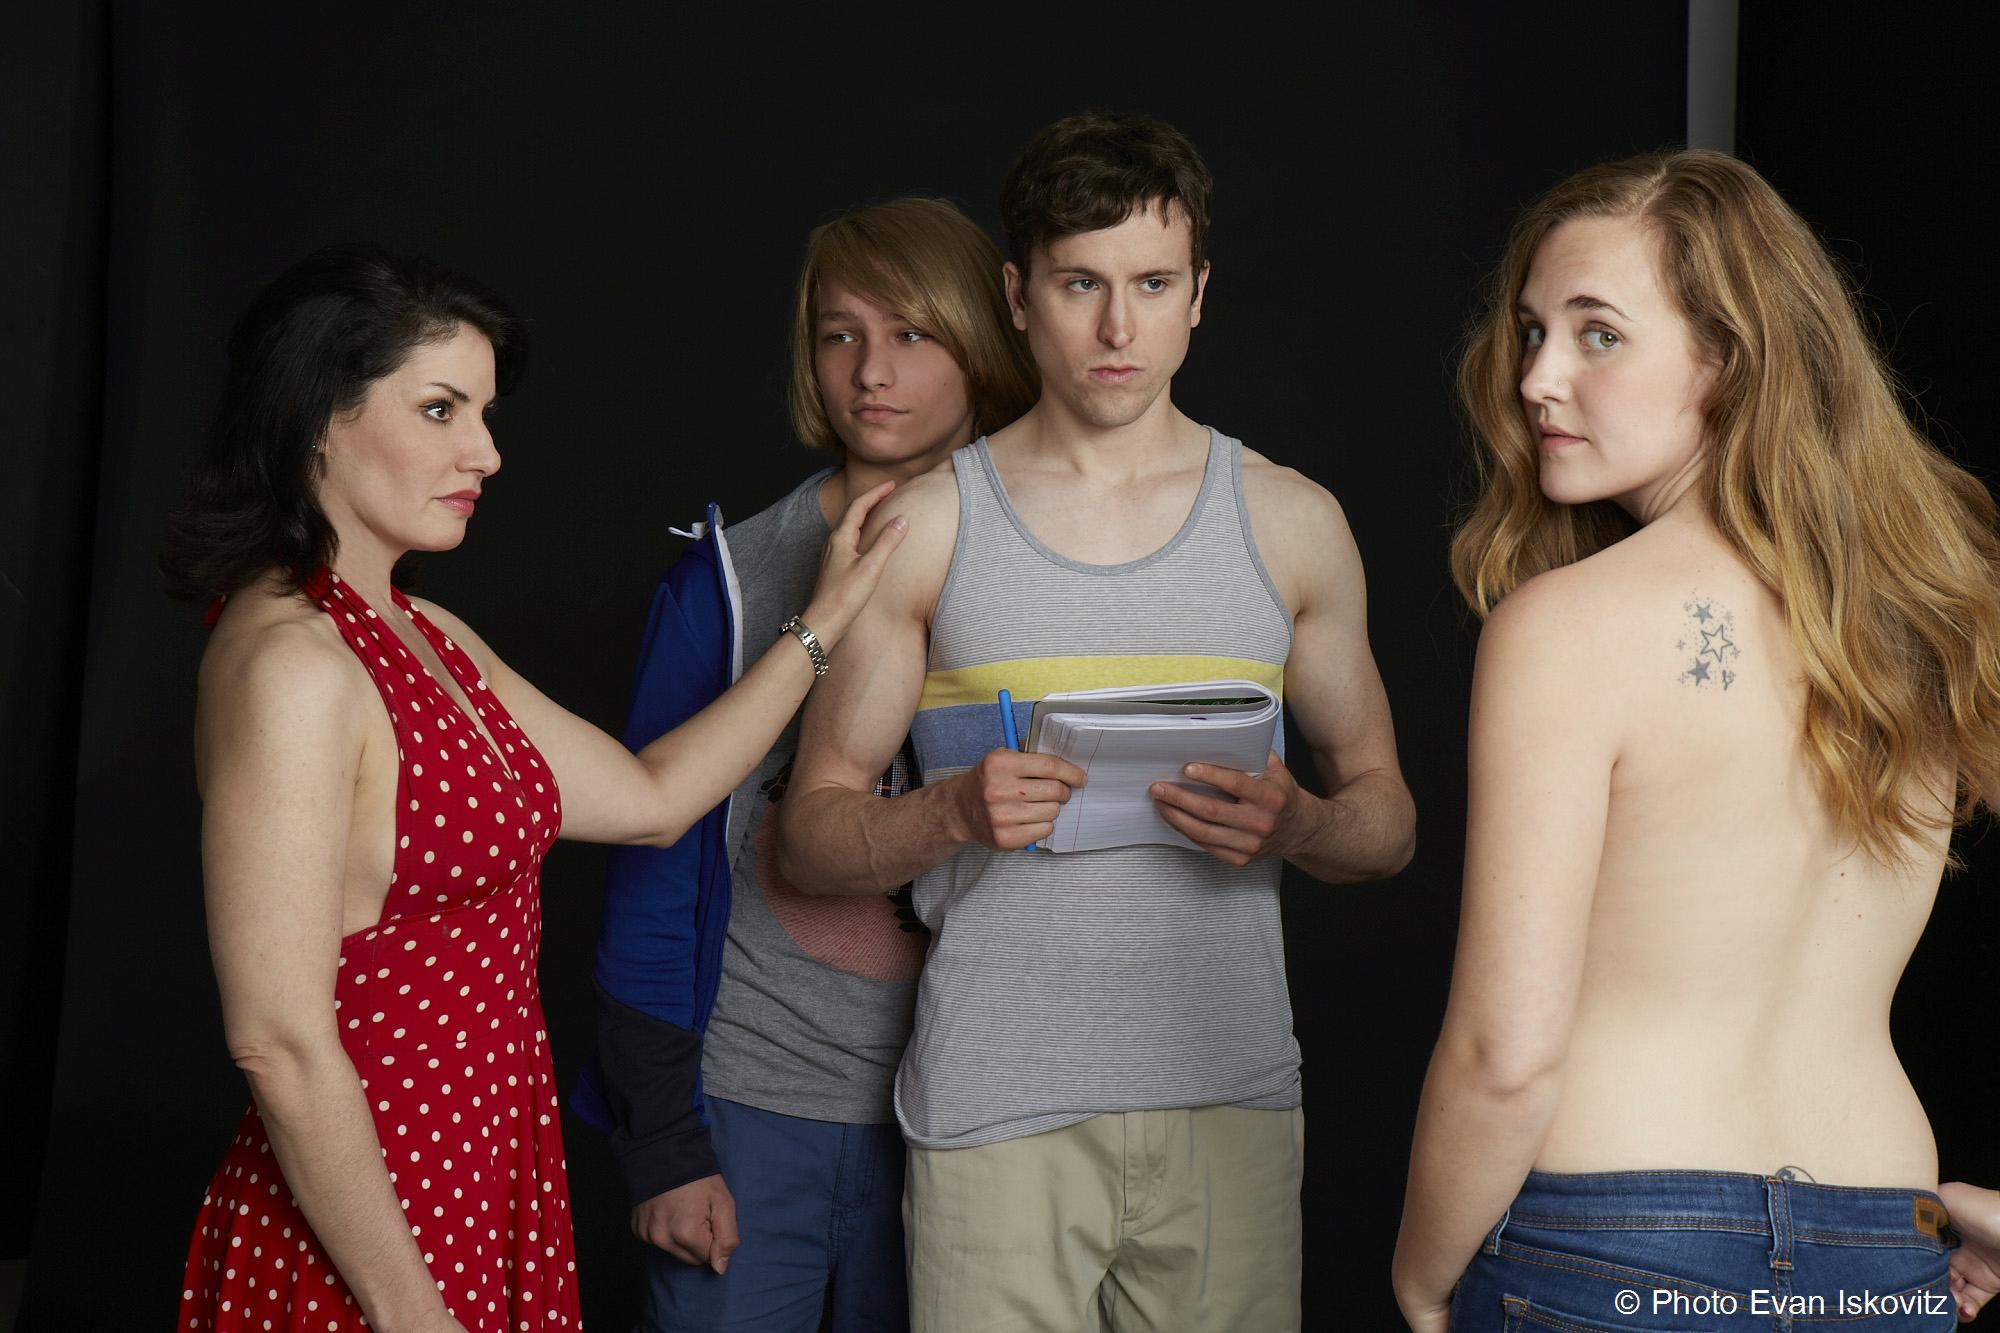 Cast of Lancelot from left: Romy Nordlinger, Grant Riordon, Stephen James Anthony, Lulu Fogarty